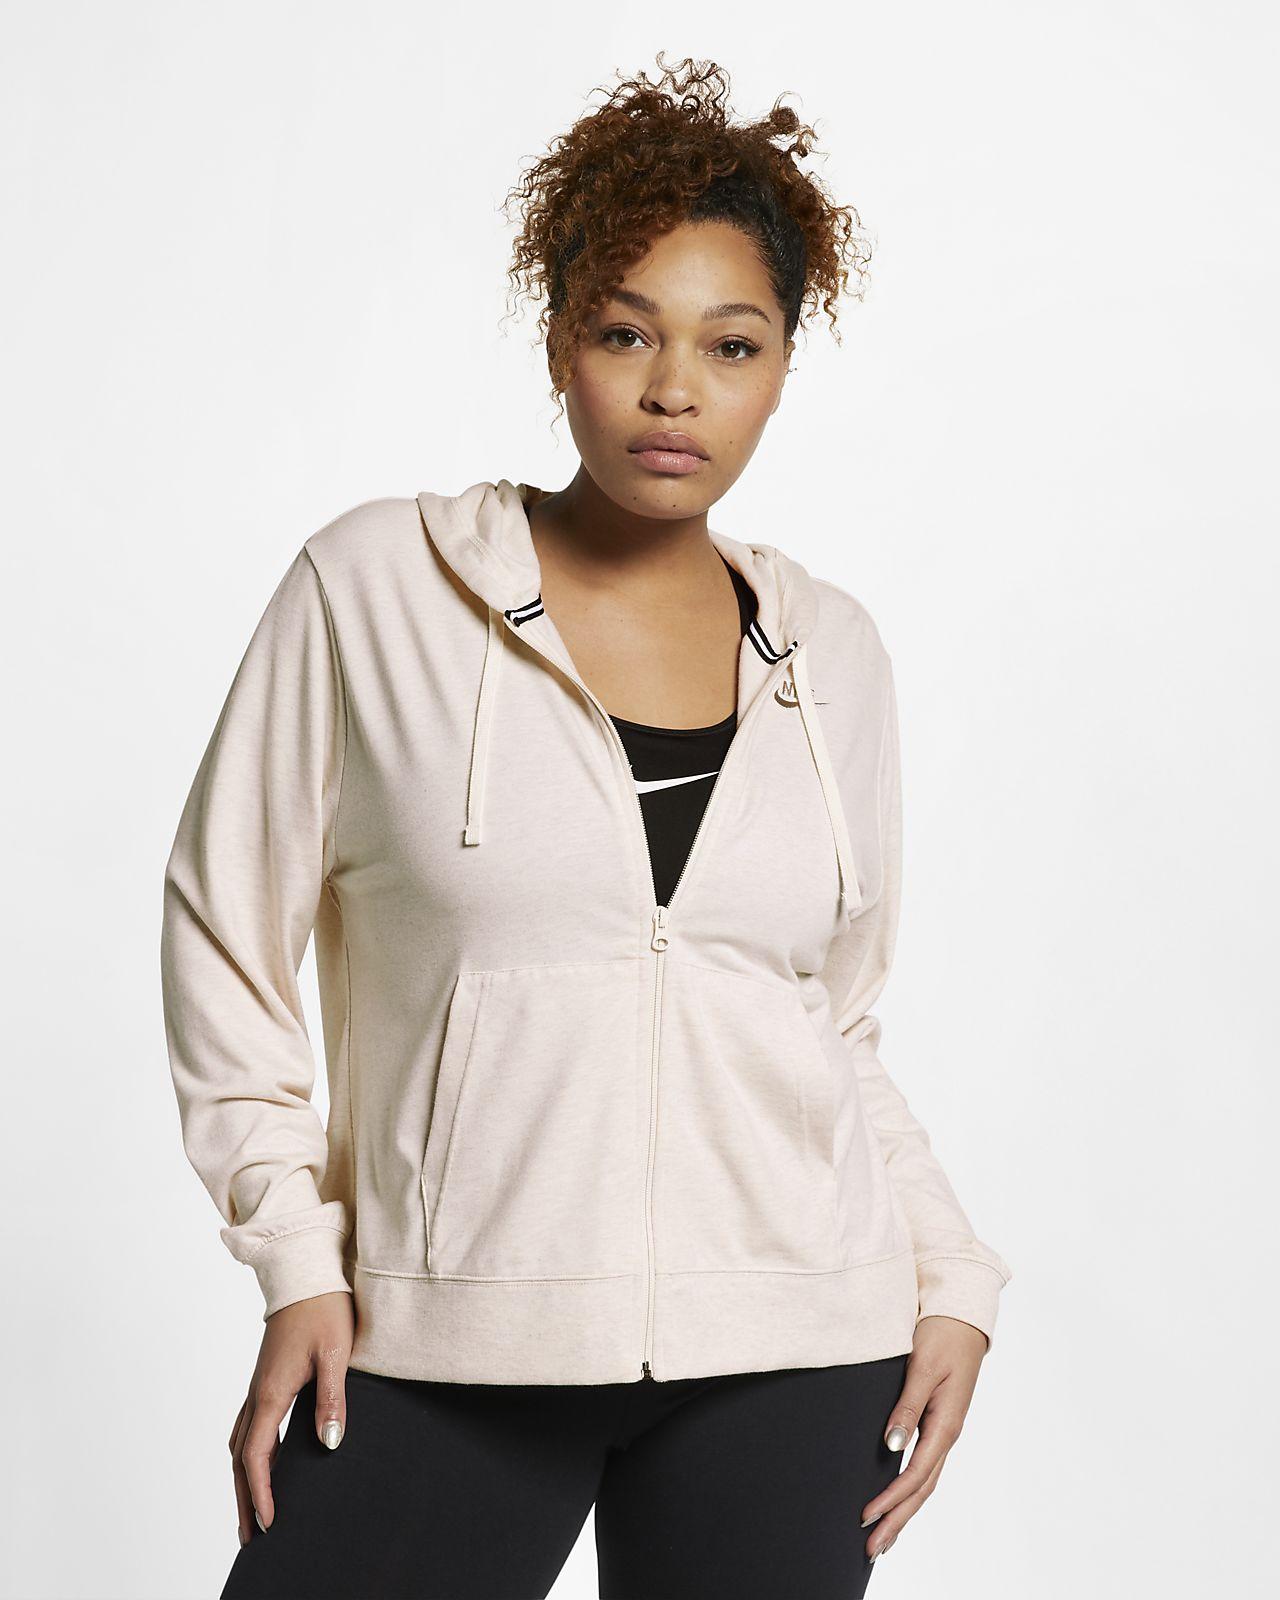 36747628b39 Nike Sportswear Women s Full-Zip Hoodie (Plus Size). Nike.com